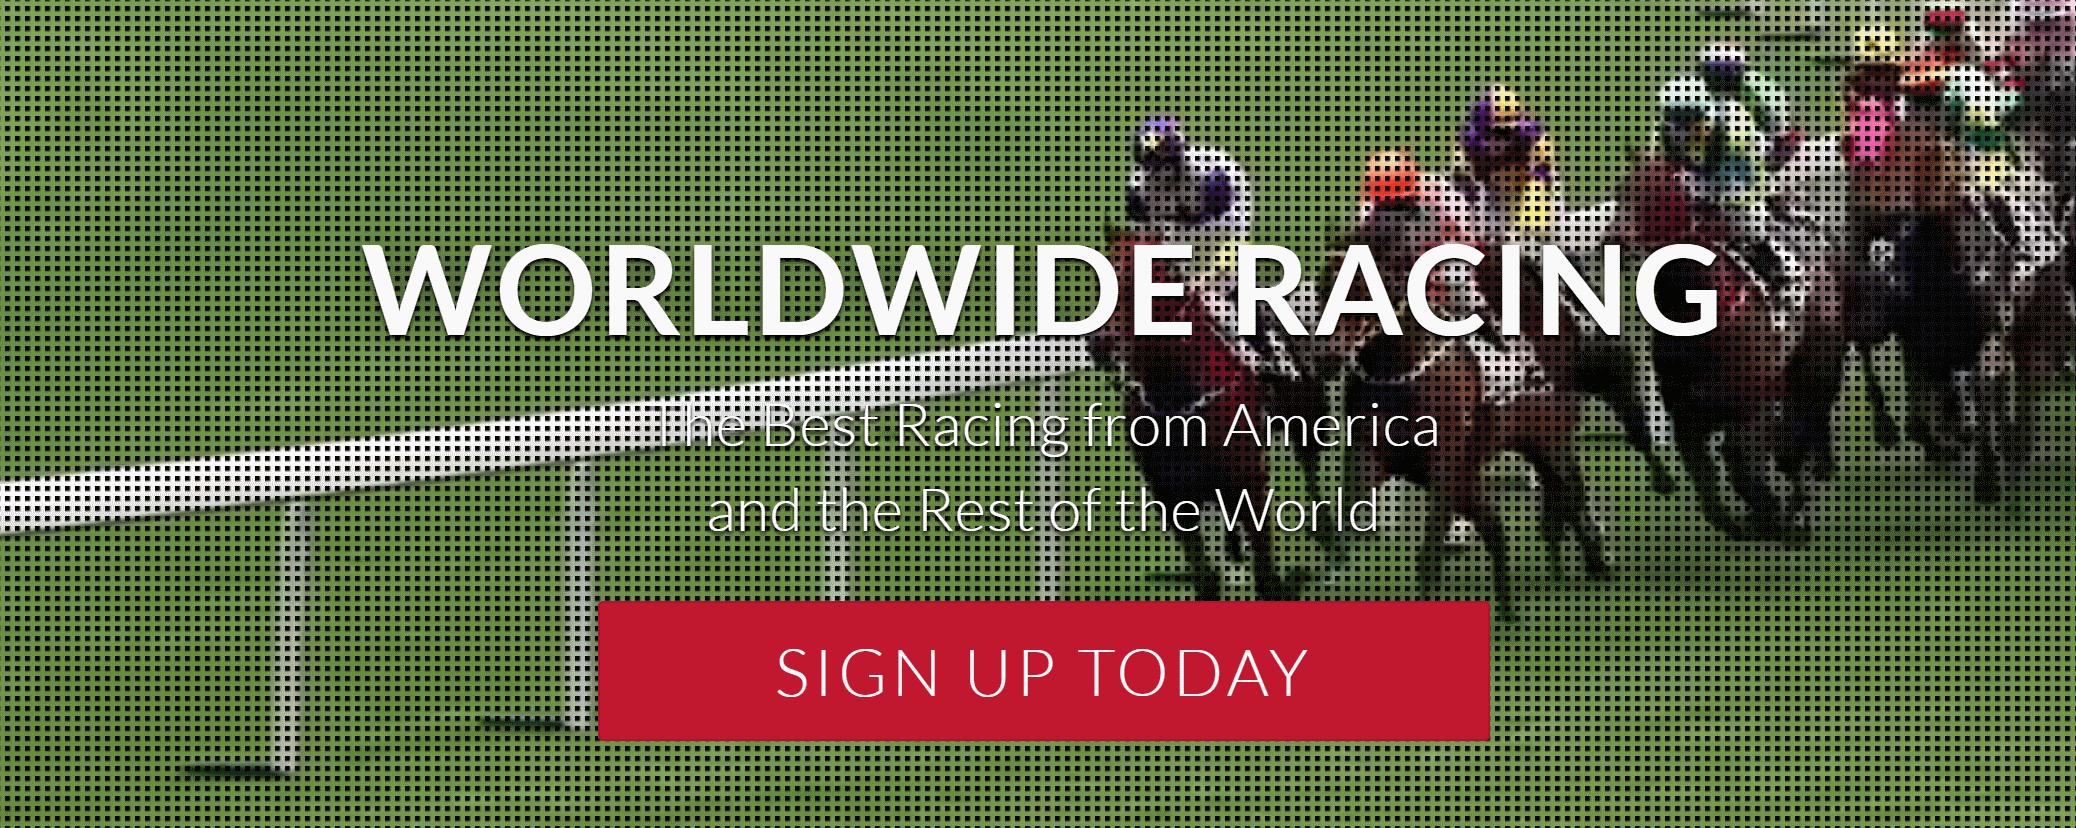 betamerica-racing